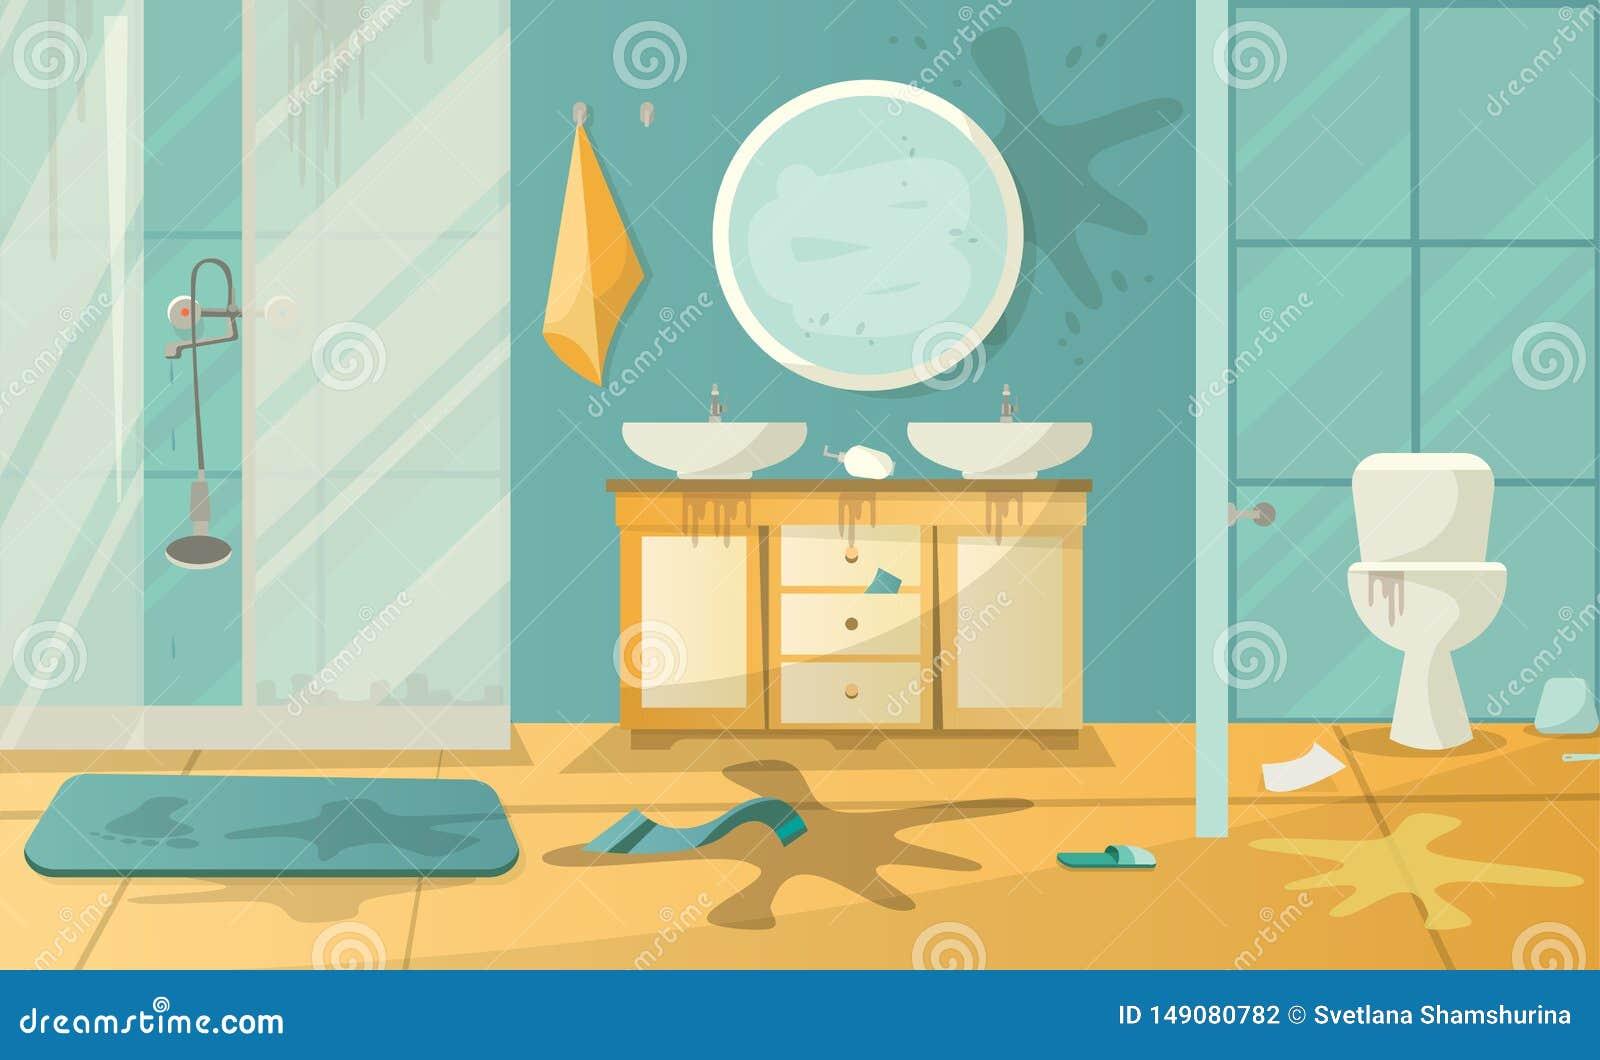 卫生间和辅助部件肮脏的内部有洗手间水槽阵雨cabbin的在一个现代样式的 :